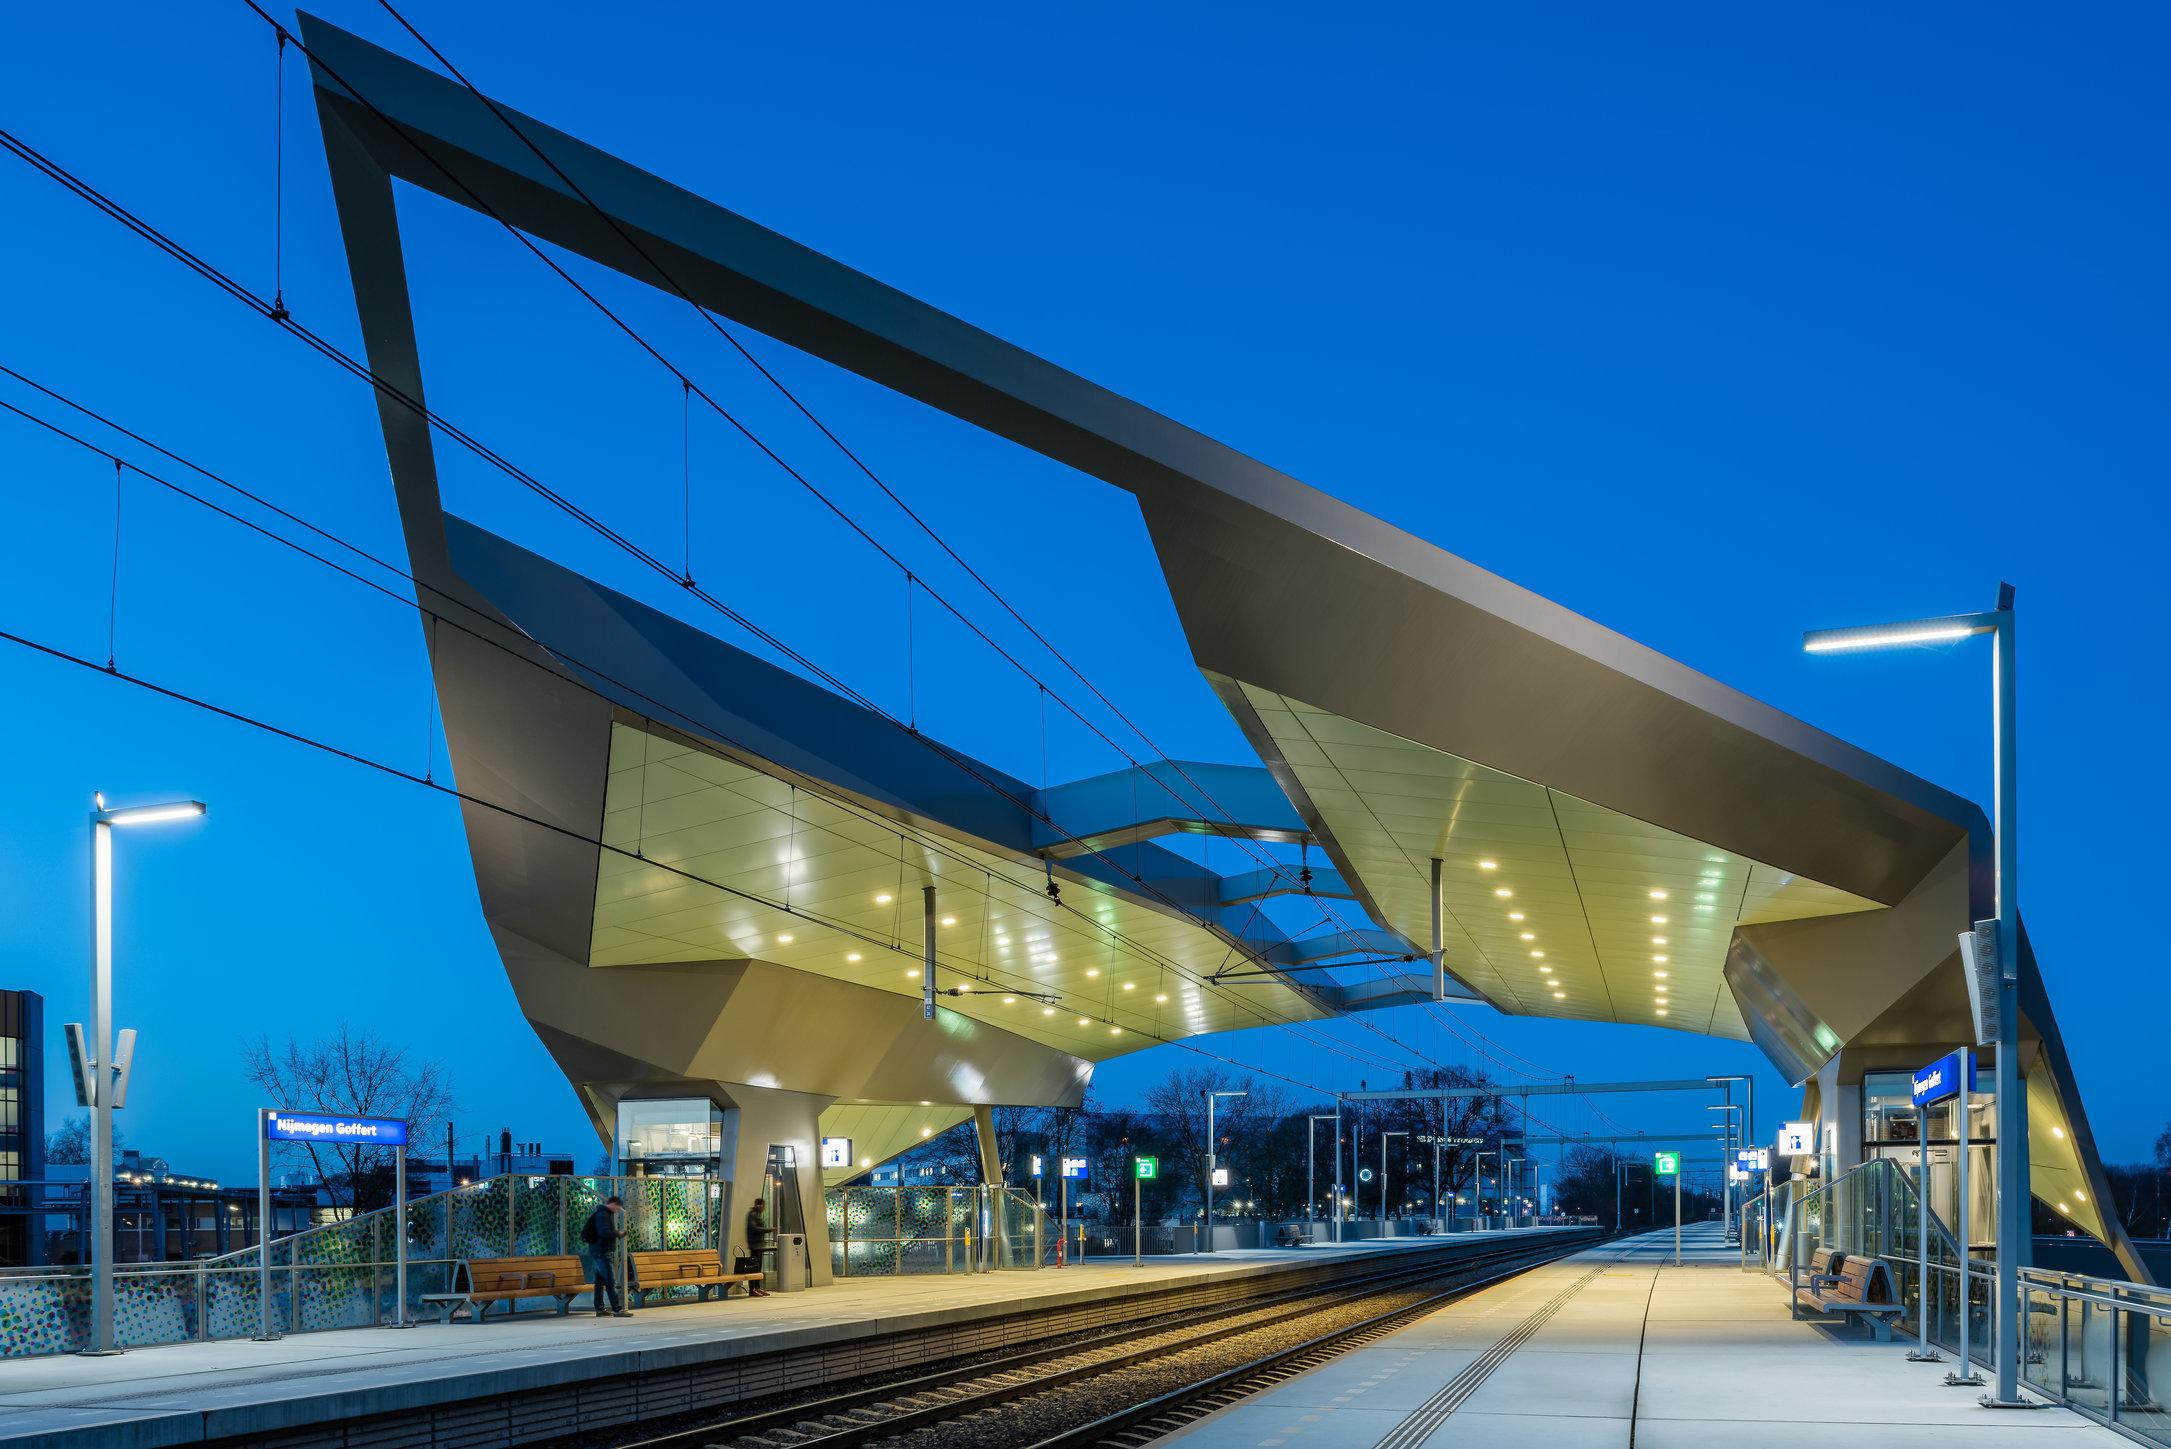 Station Nijmegen Goffert i.o.v. StudioSK/Movares